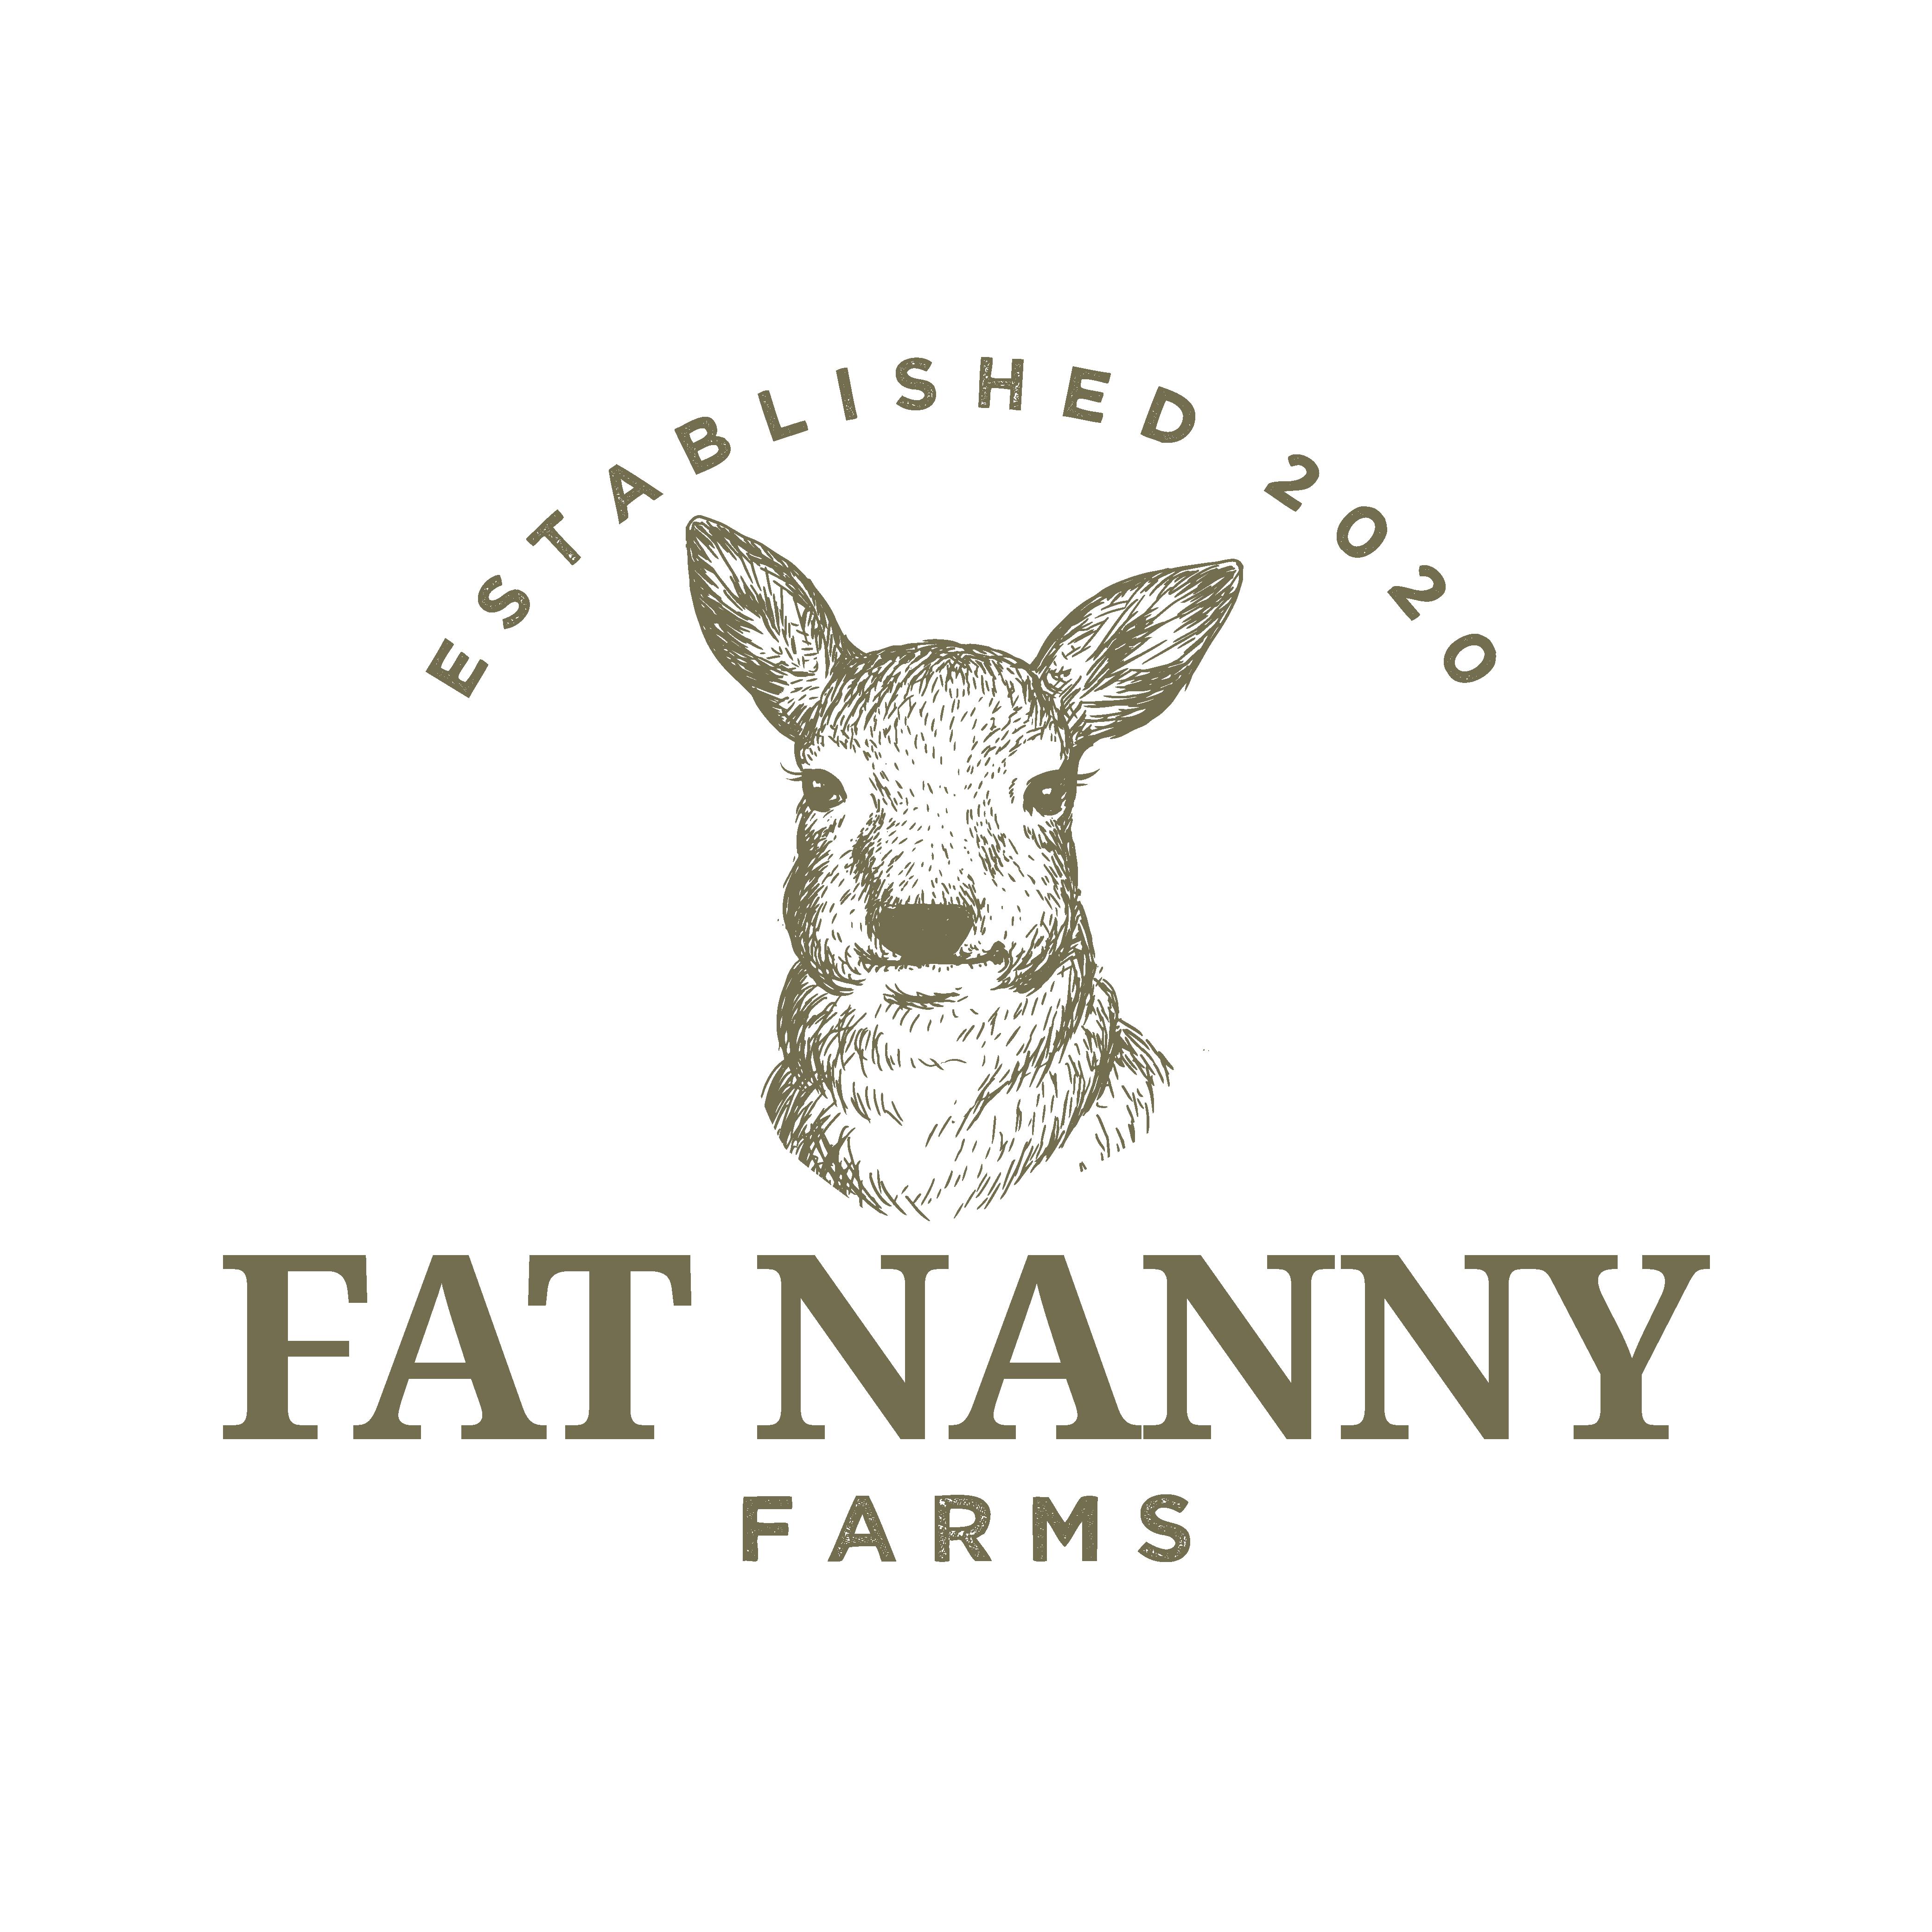 Fat Nanny Farms